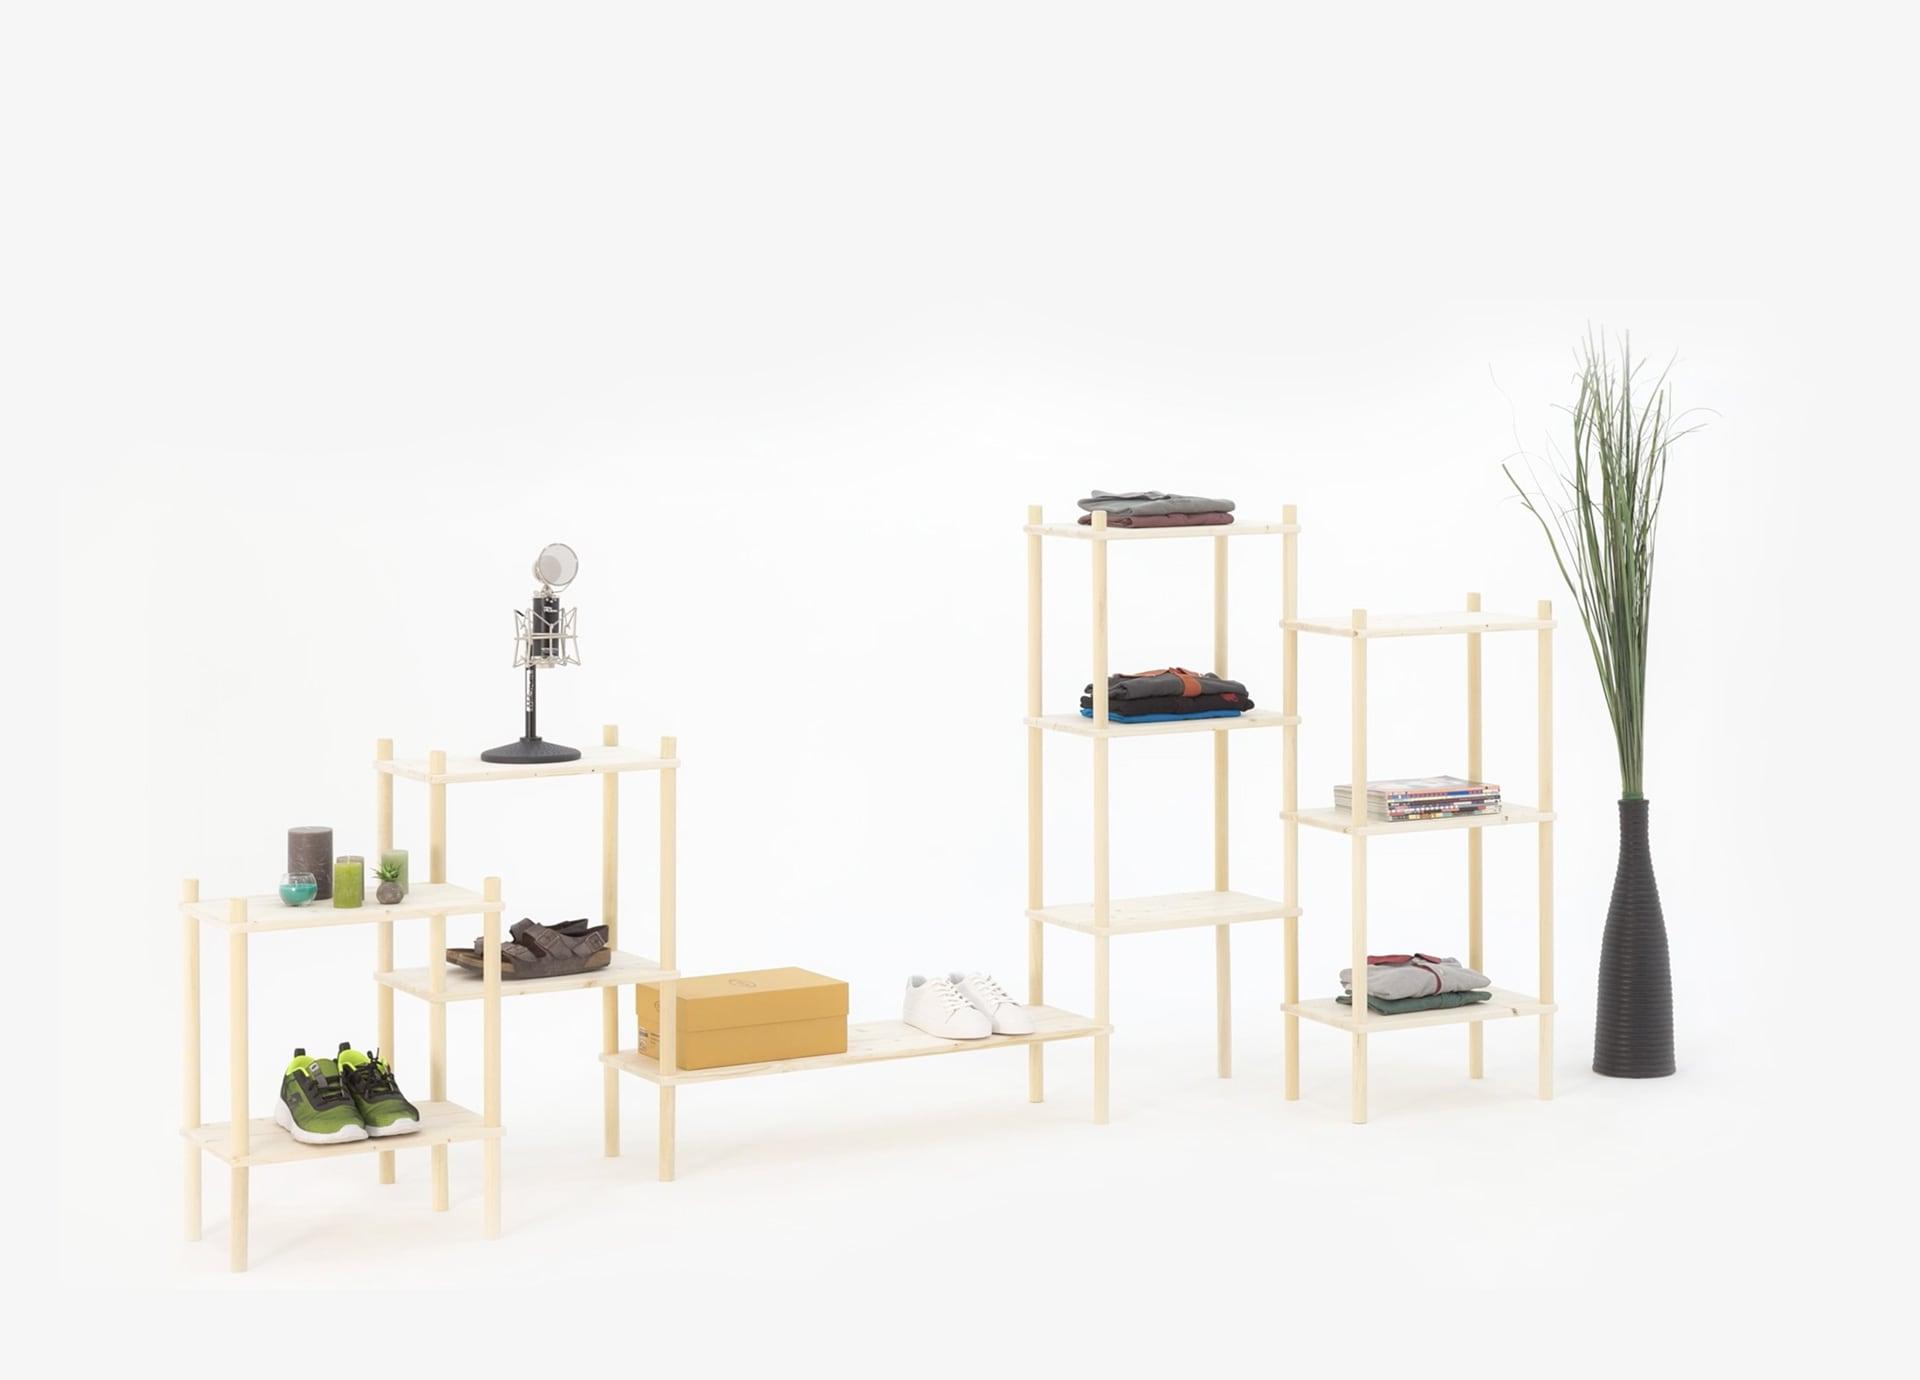 Scaffale fai-da-te in legno componibile | Scaffale italiano componibile che si monta senza attrezzi | Soluzione Kompo